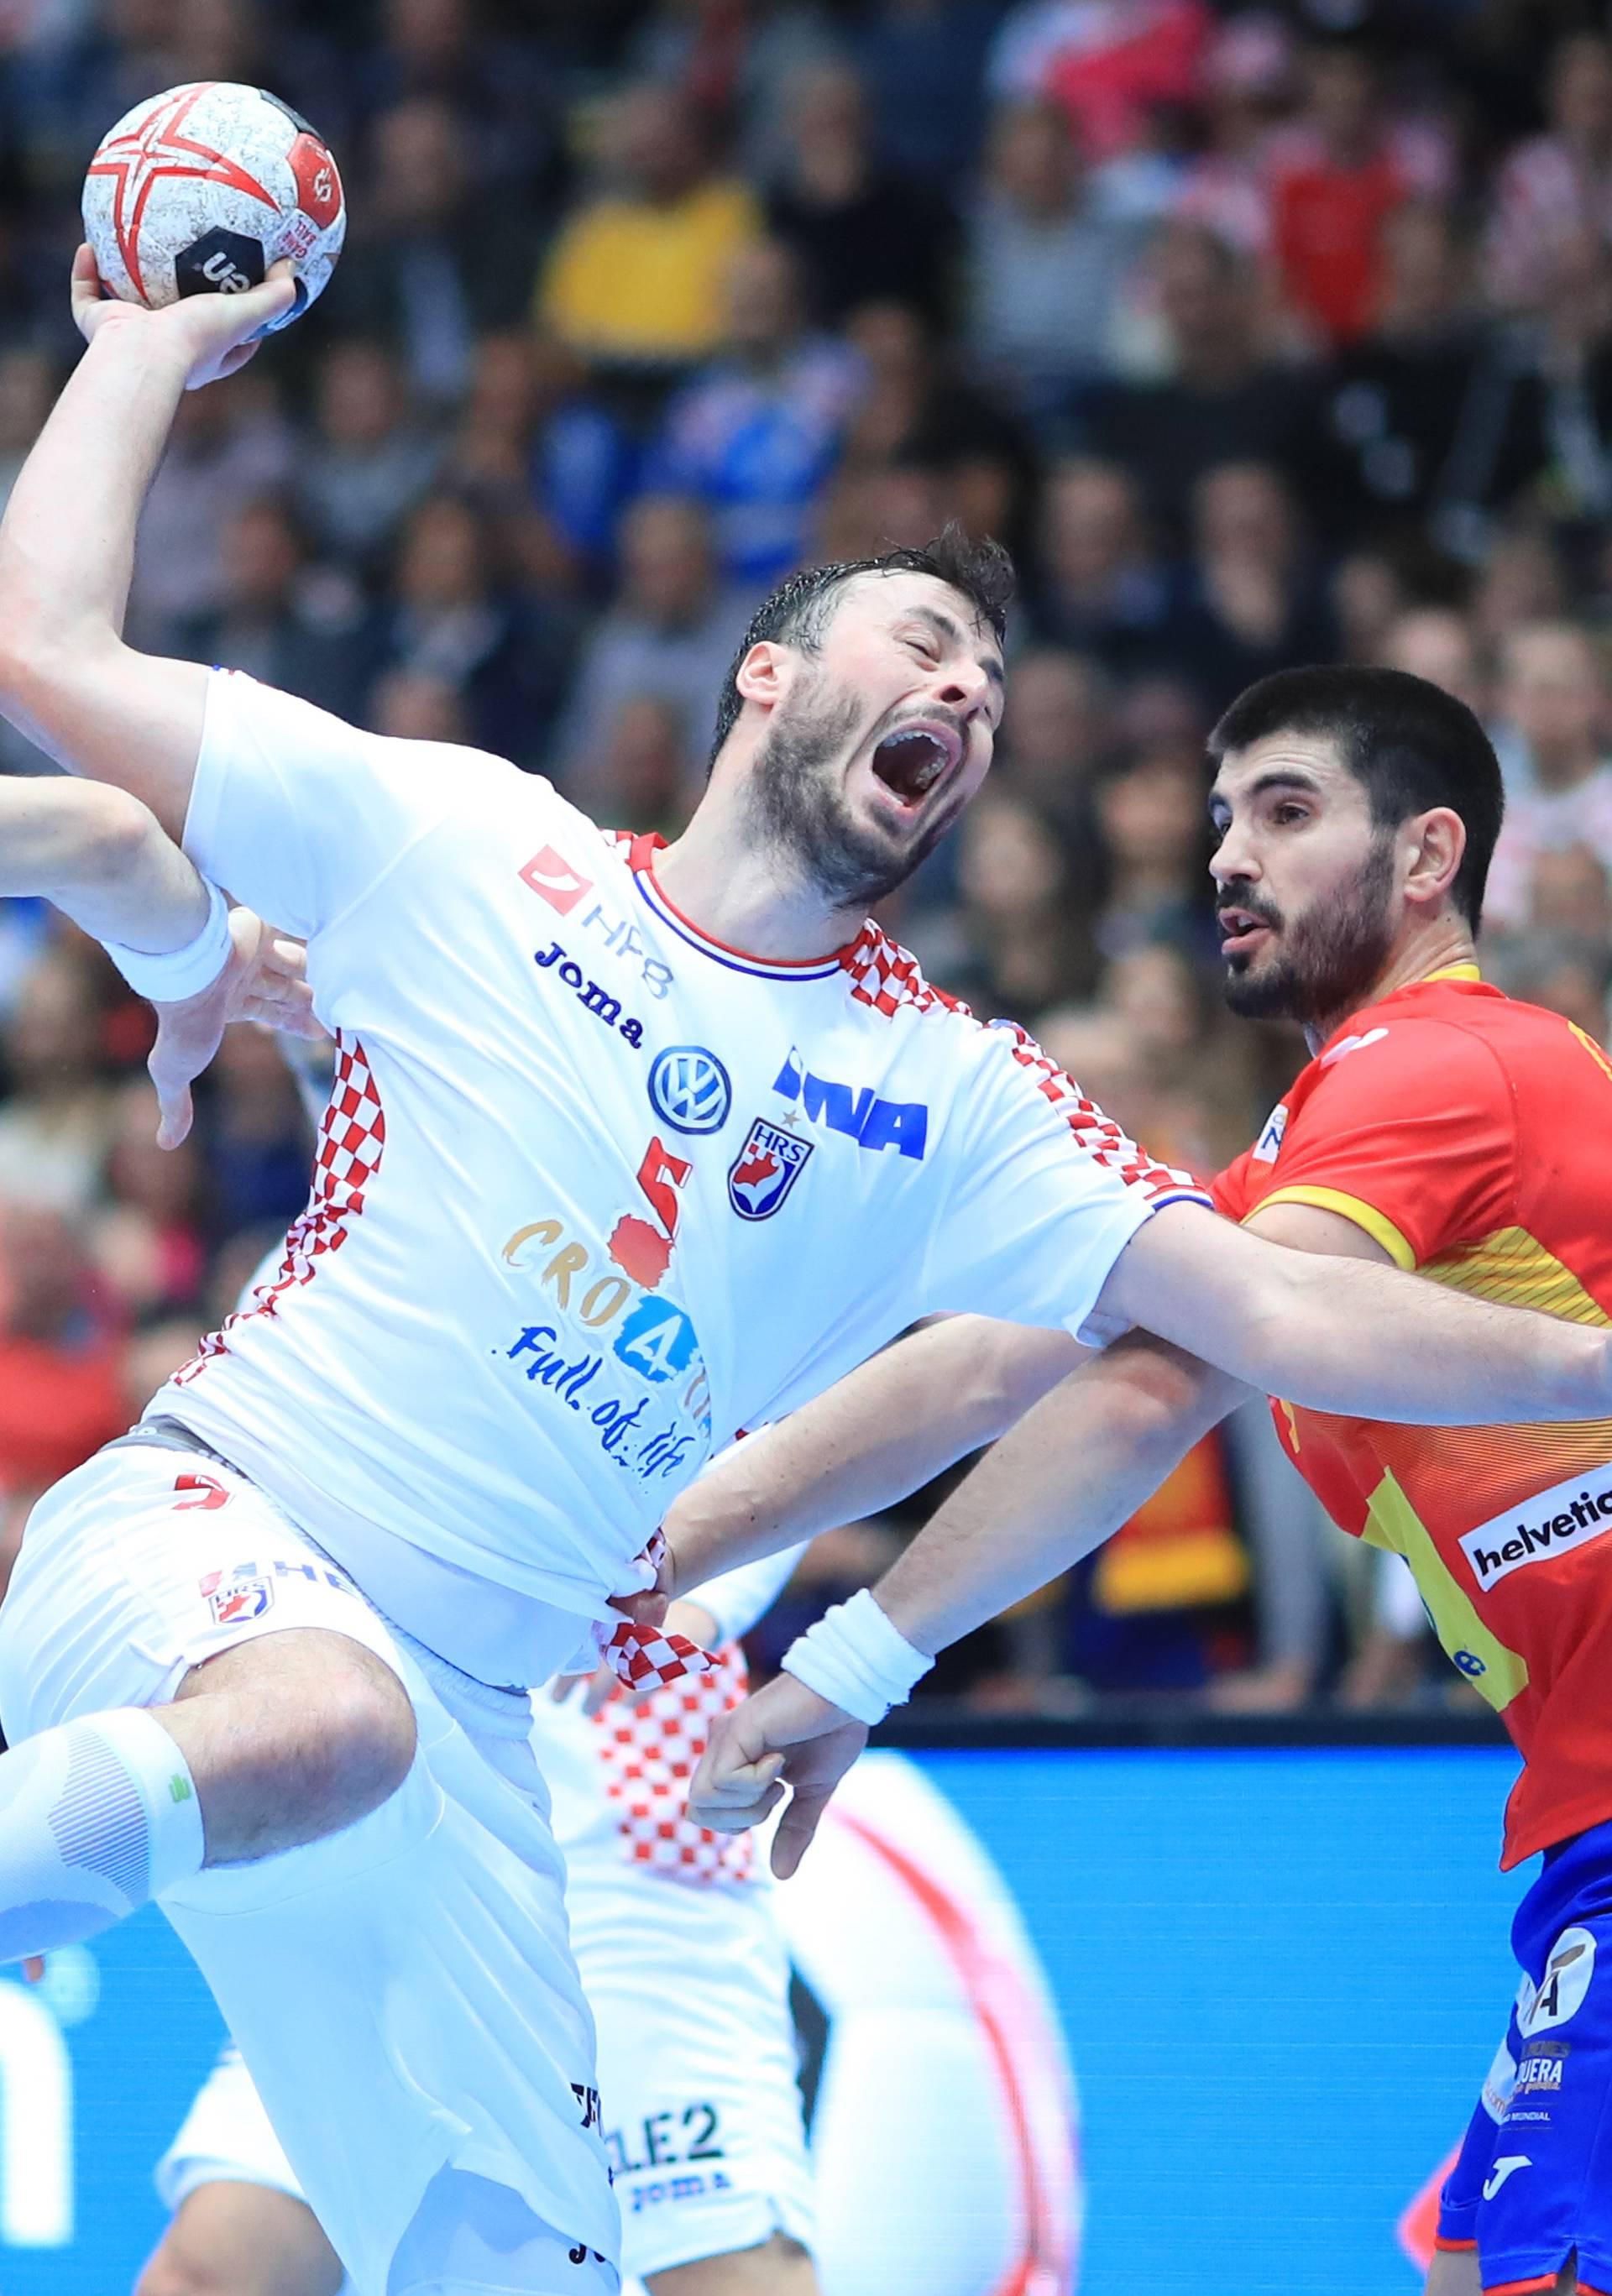 'Kauboji' srušili prvake Europe i sad su na korak do polufinala